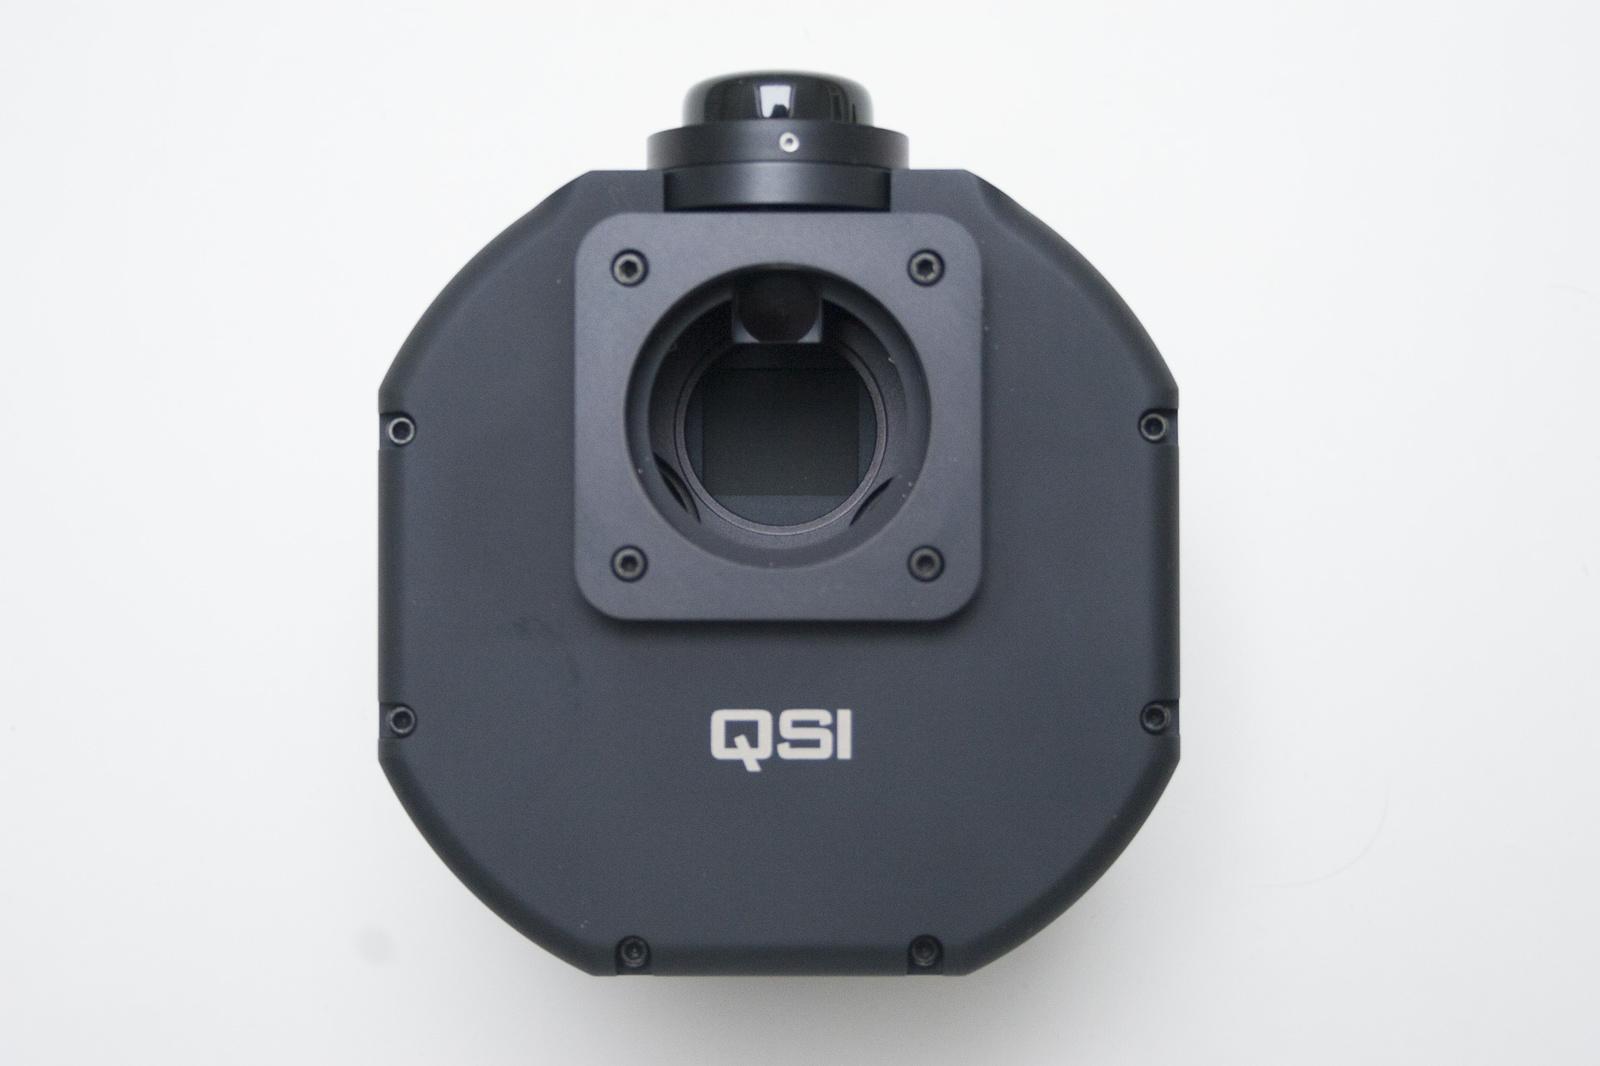 QSI_583_WSG_220509_0013_1920x1280.jpg